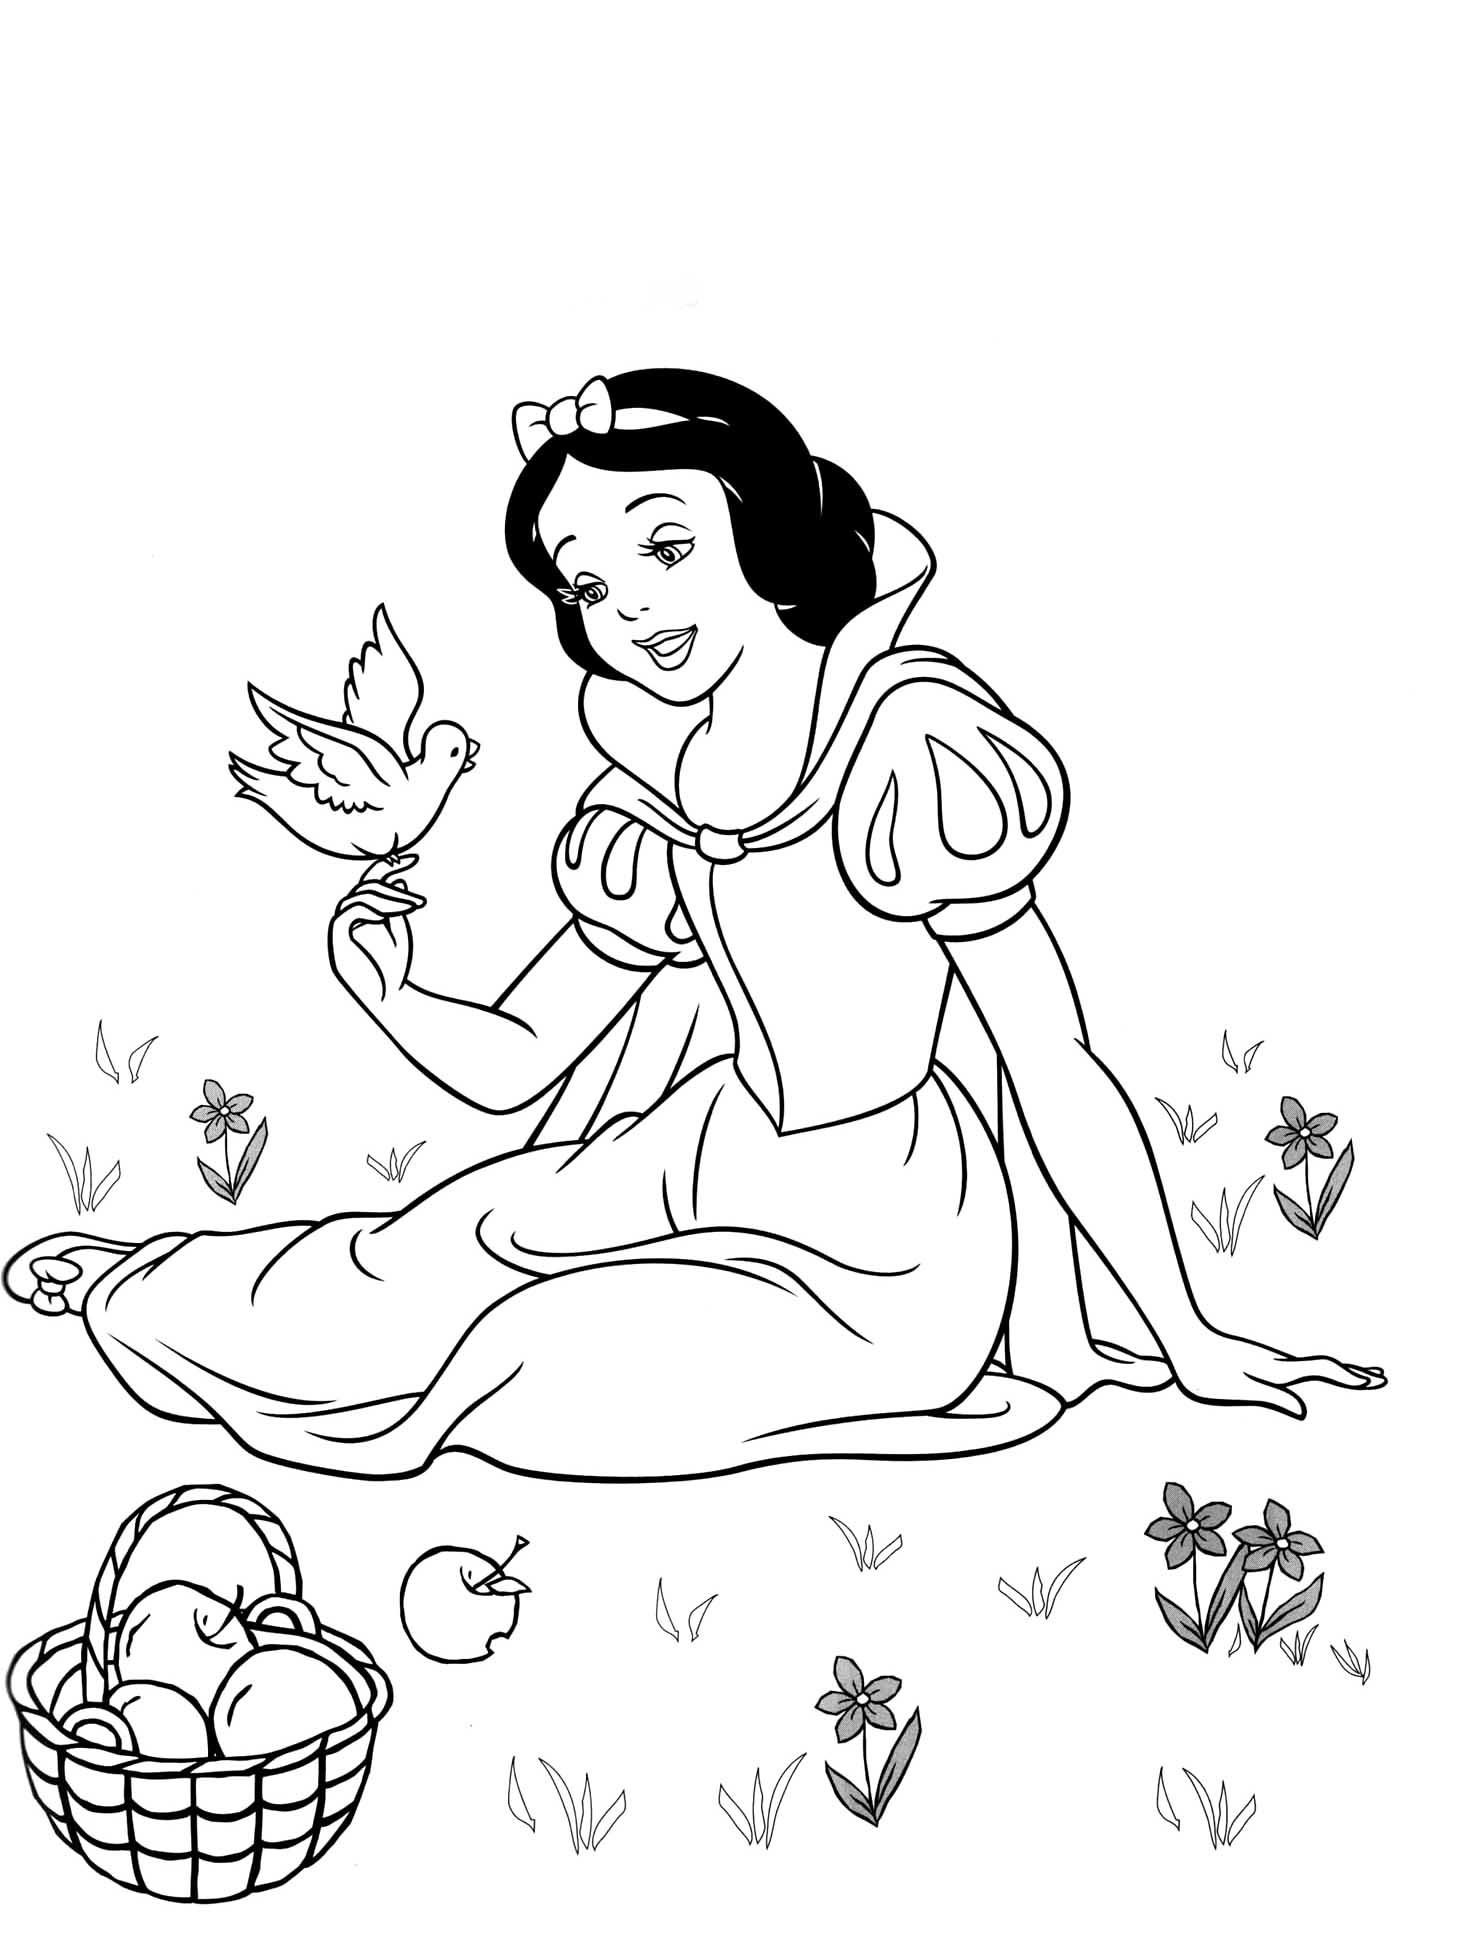 Coloriage Blanche-Neige Disney À Imprimer pour Blanche Neige A Colorier